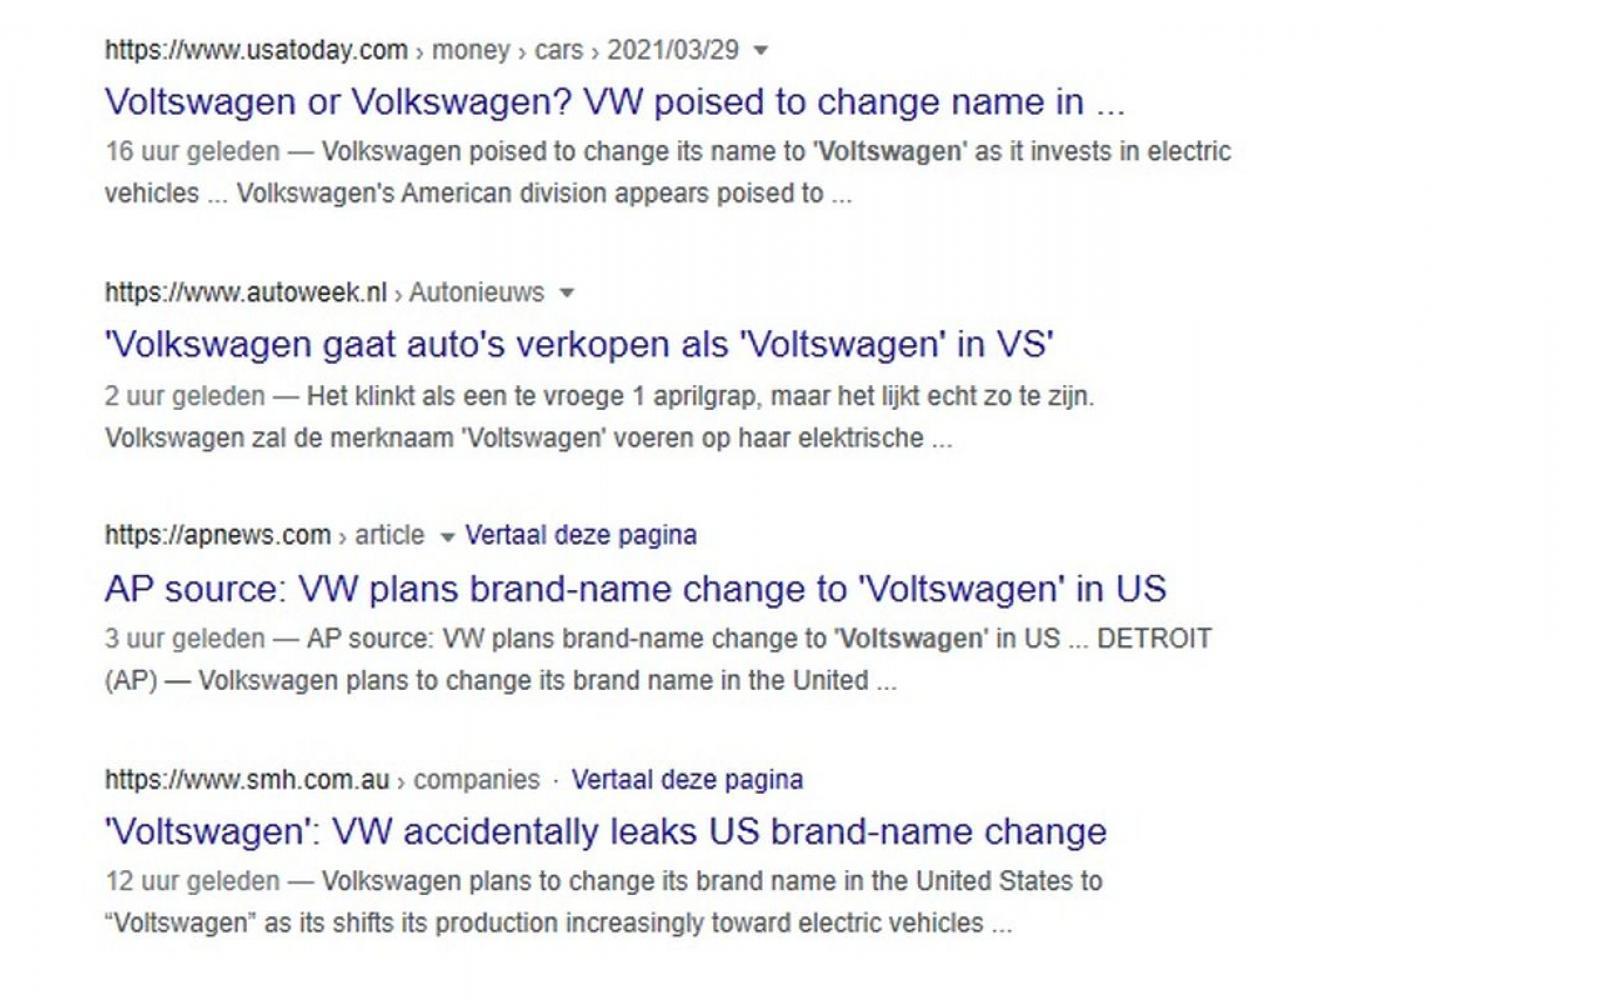 Amerikaanse beurswaakhond onderzoekt mislukte 1 april-grap Volkswagen